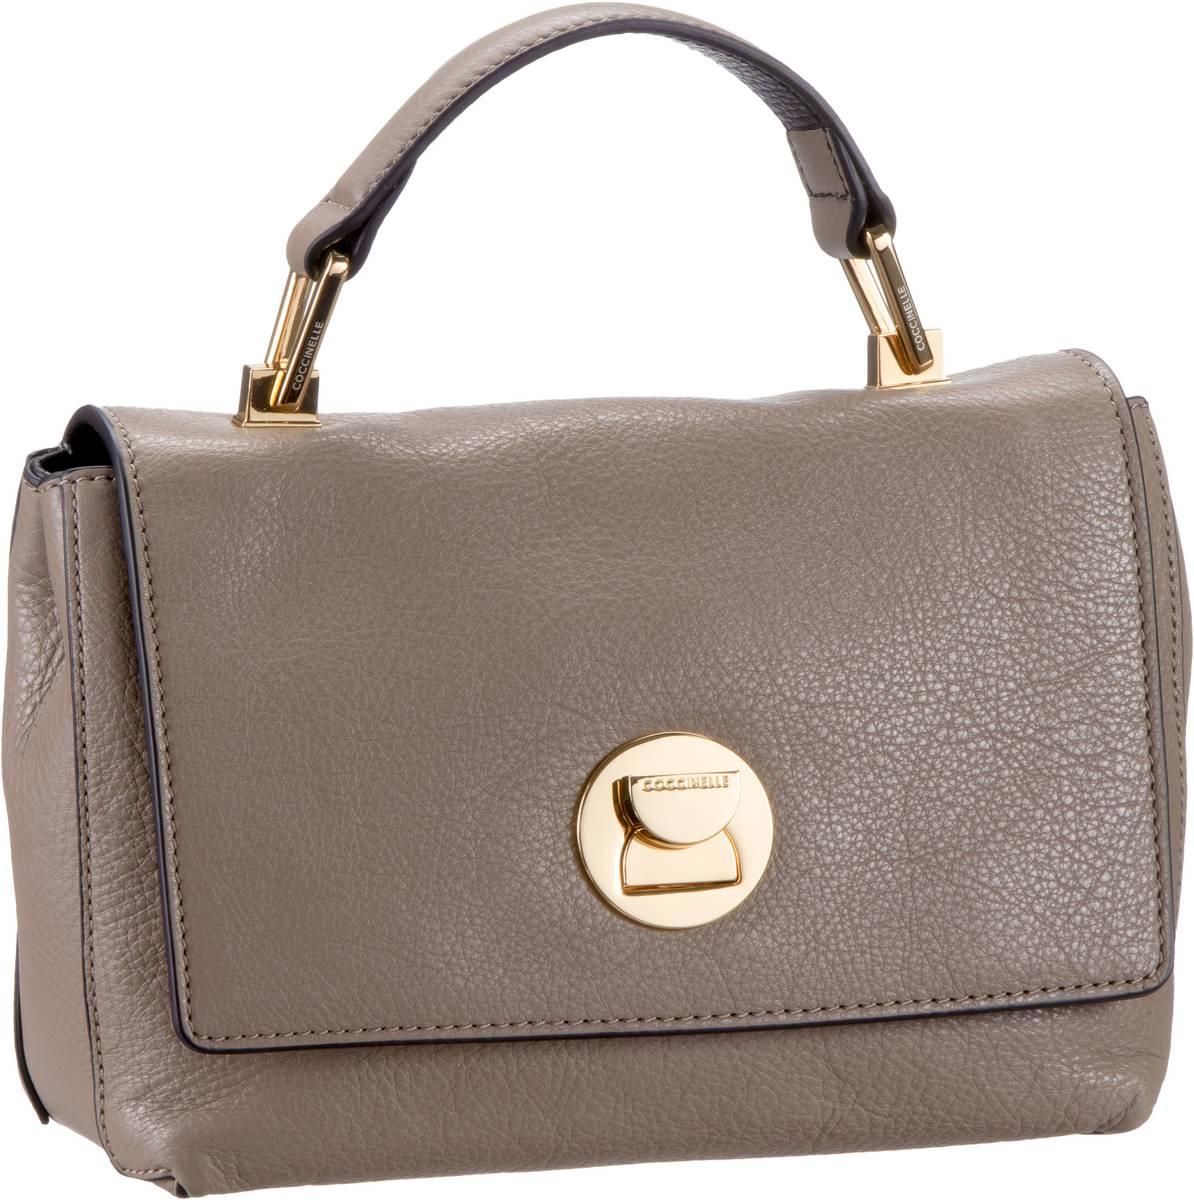 Handtasche Liya 5840 Taupe/Nero